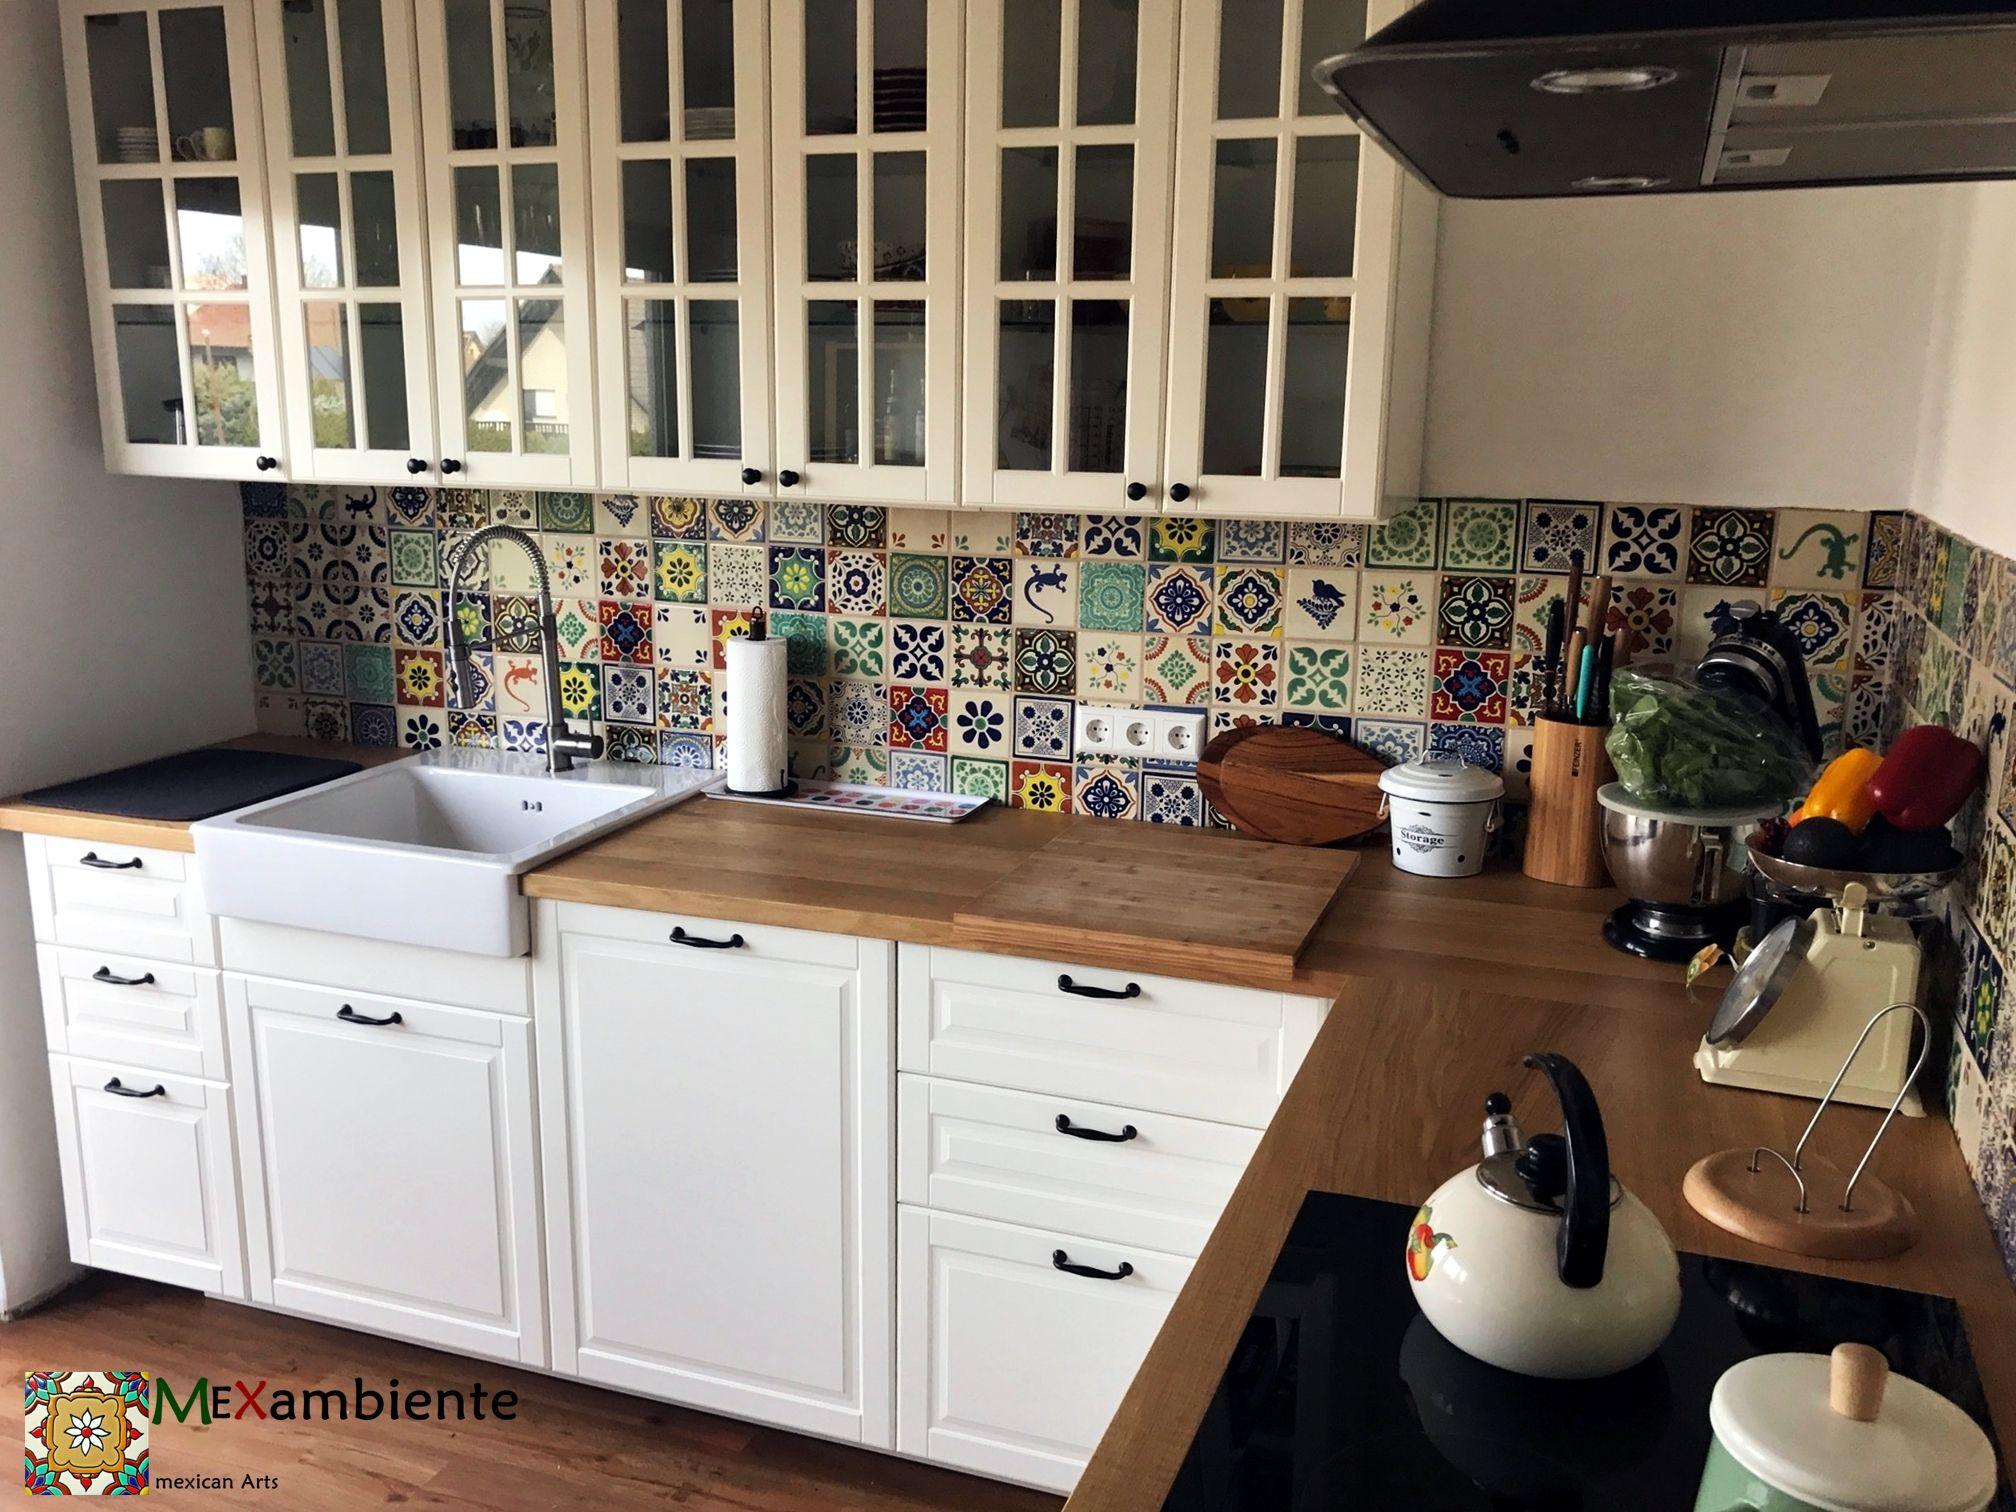 Full Size of Küchen Fliesenspiegel Sehr Schne Mexikanische Fliesen Fr Kche Küche Regal Selber Machen Glas Wohnzimmer Küchen Fliesenspiegel